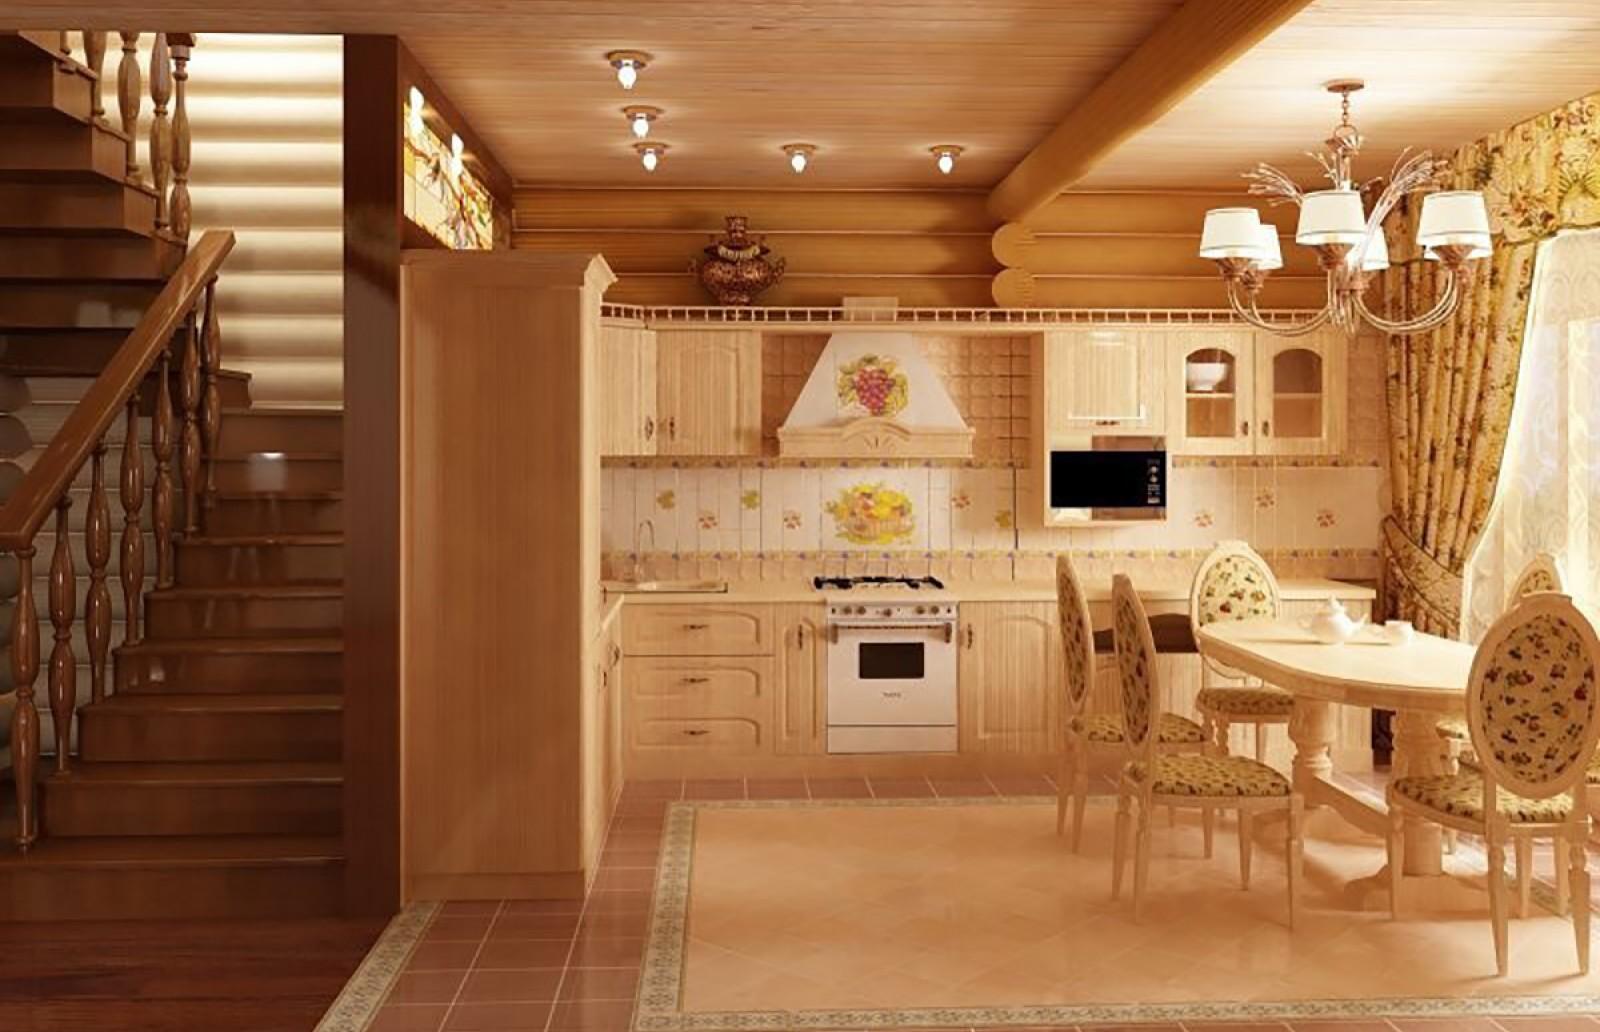 маленькая кухня в деревянном доме дизайн фото